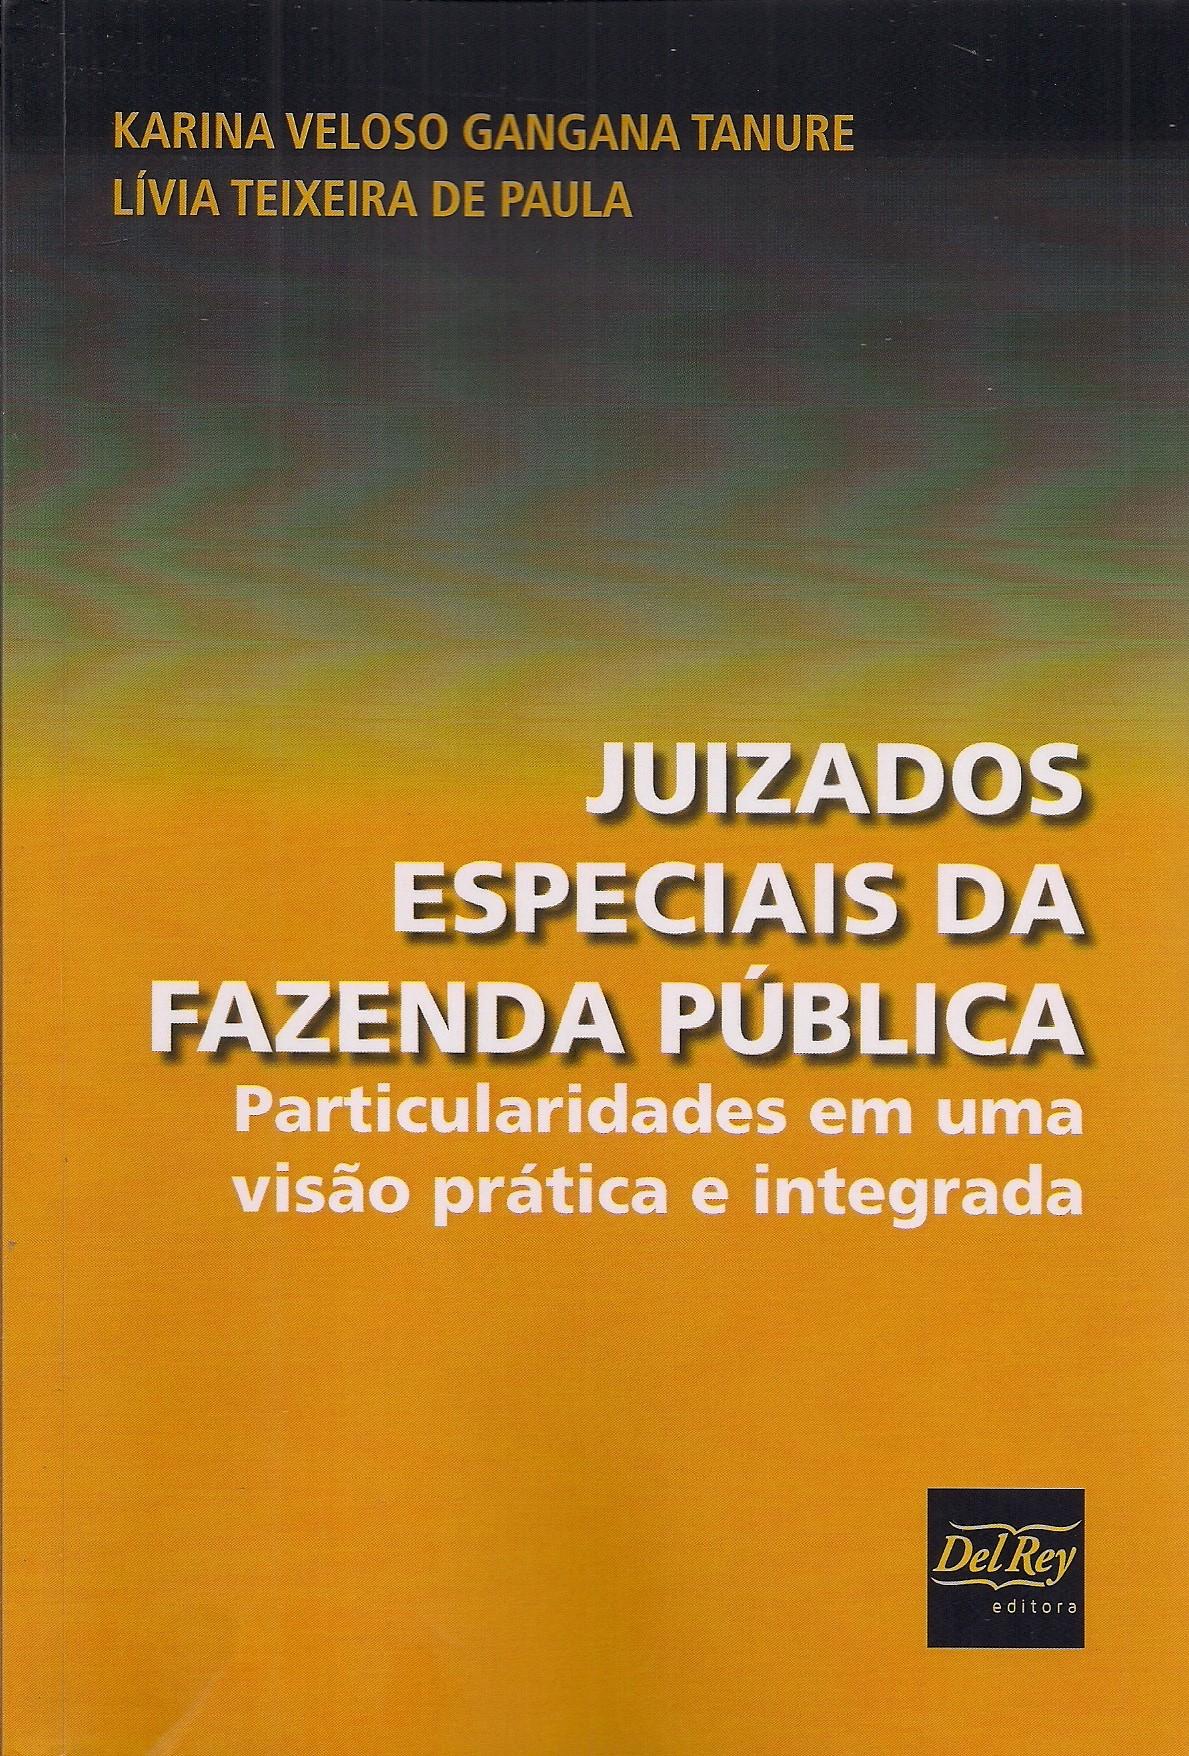 Foto 1 - Juizados Especiais da Fazenda Pública: Particularidades em uma Visão Prática e Integrada